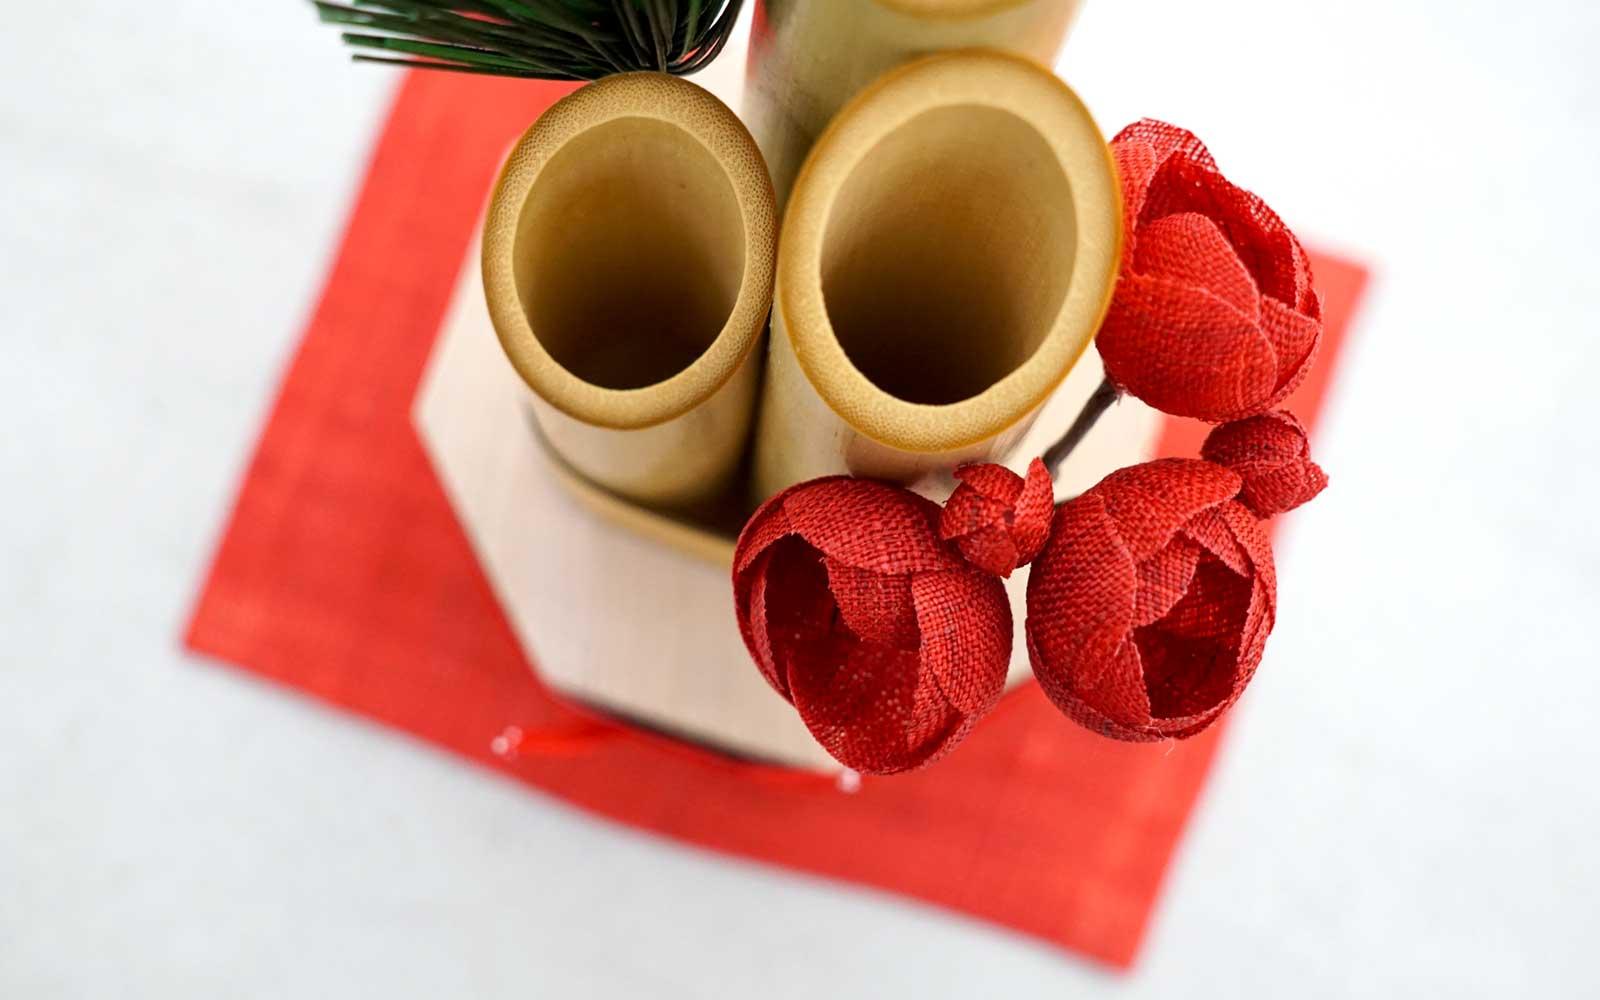 真っ赤な敷布と梅は奈良の手織り麻で作られています。